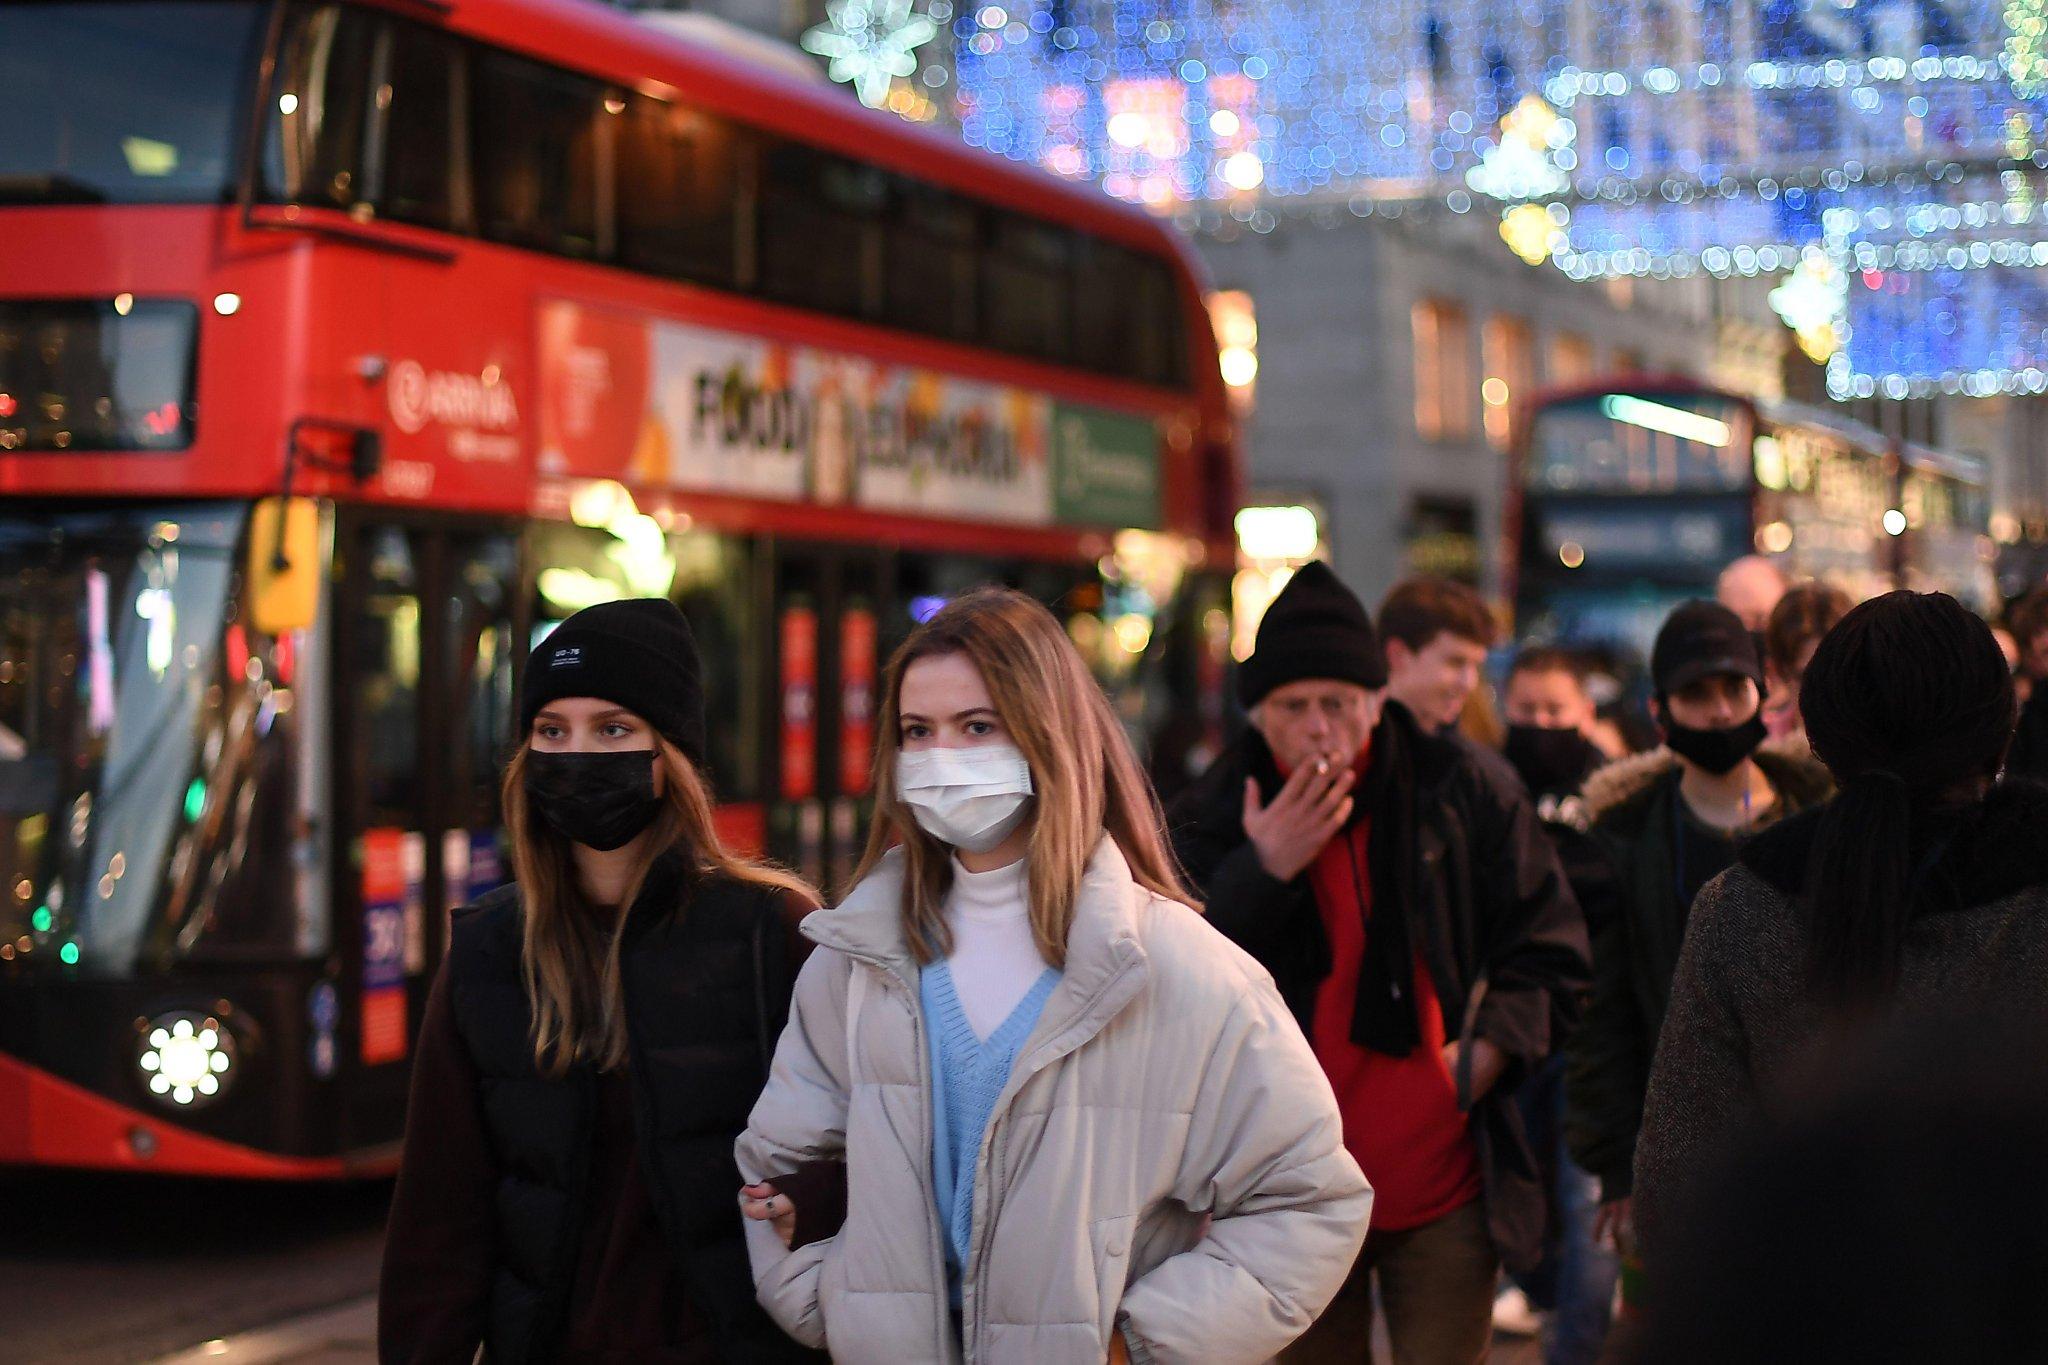 કોરોના વાયરસના કારણે વિશ્વભરમાં 23 લાખ 50 હજાર લોકોના મોત નિપજ્યા છે જ્યારે કરોડો લોકોના સામાન્ય જનજીવને પ્રભાવિત કર્યા છે